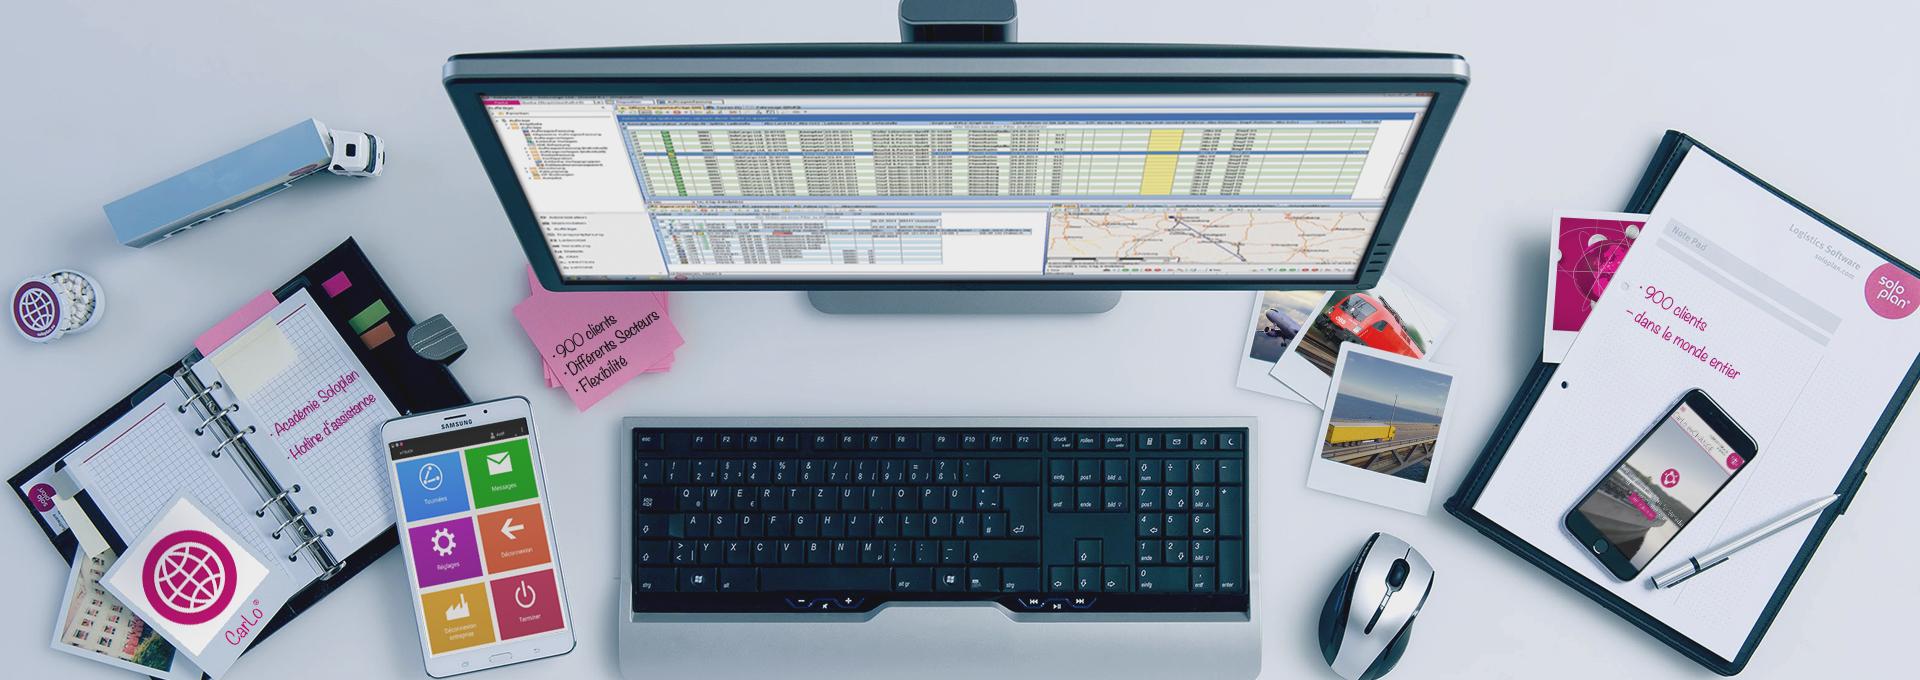 Logistik_Software_Startseite_Schreibtisch_1920x680px_2017-FR